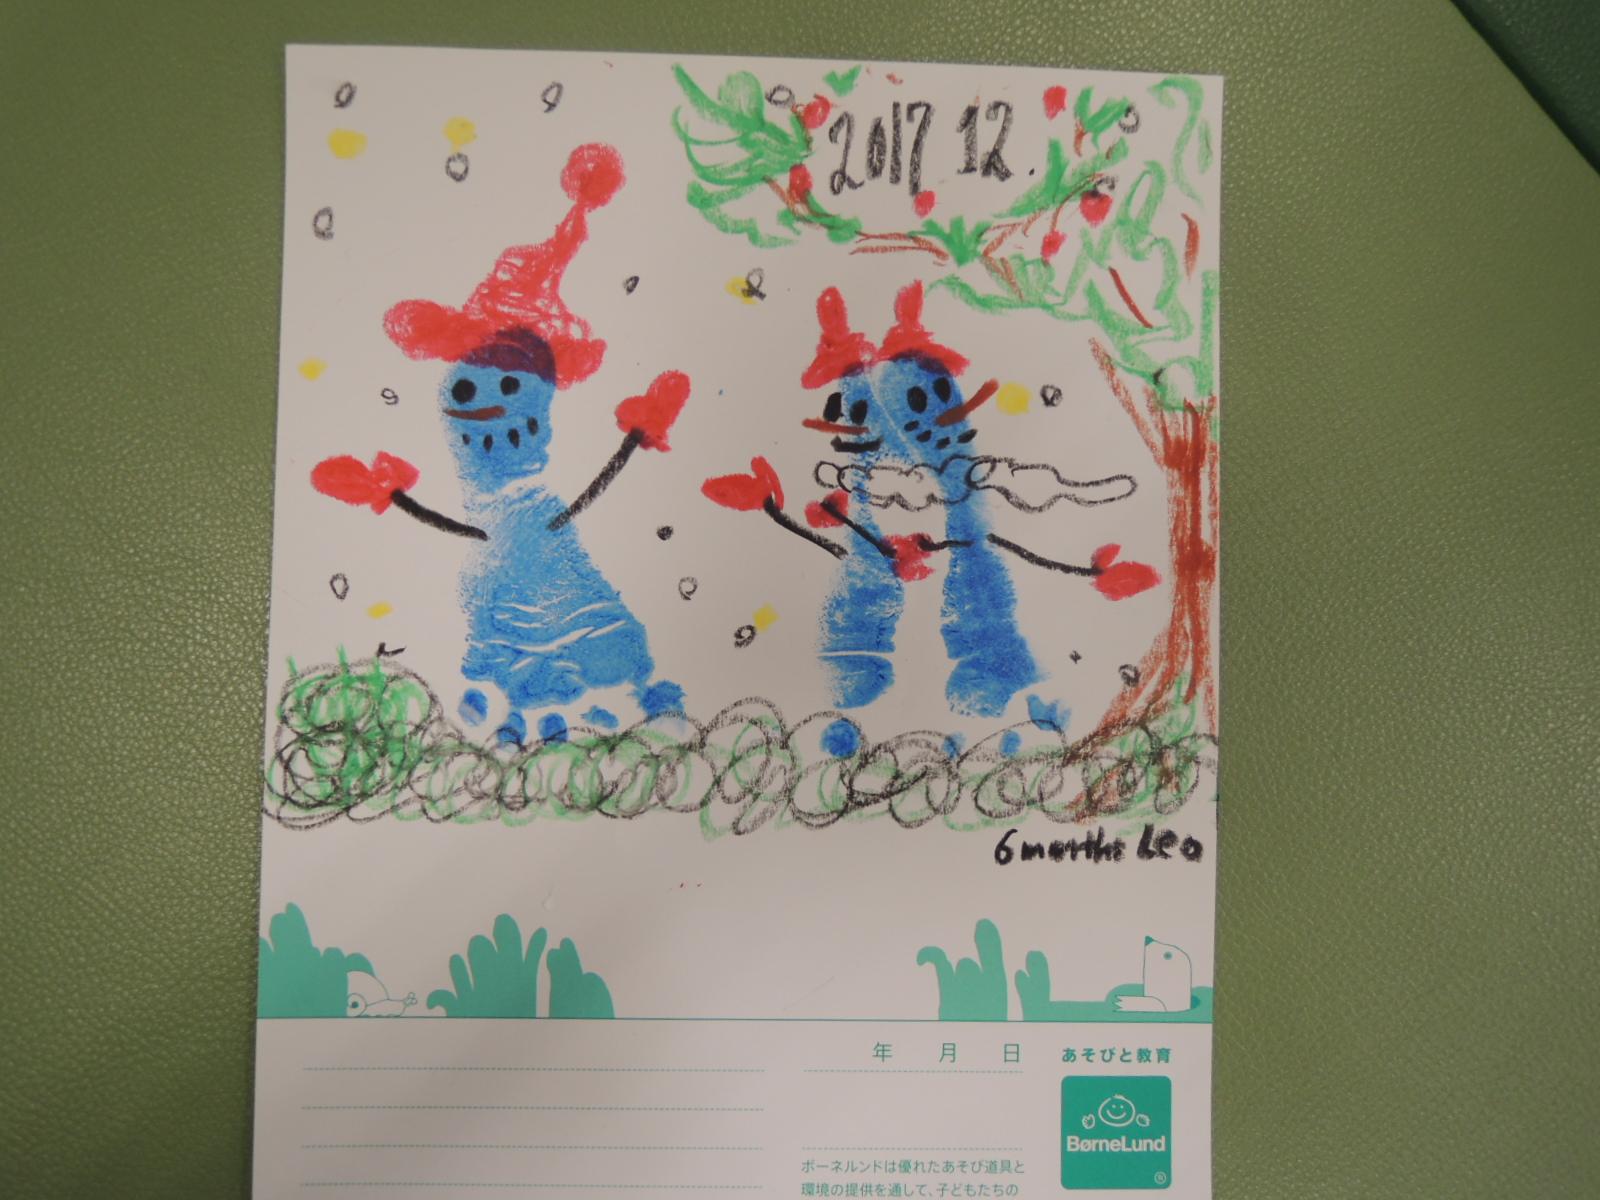 【火・木よう開催!赤ちゃんの日イベント】1/23(火)手形あそび